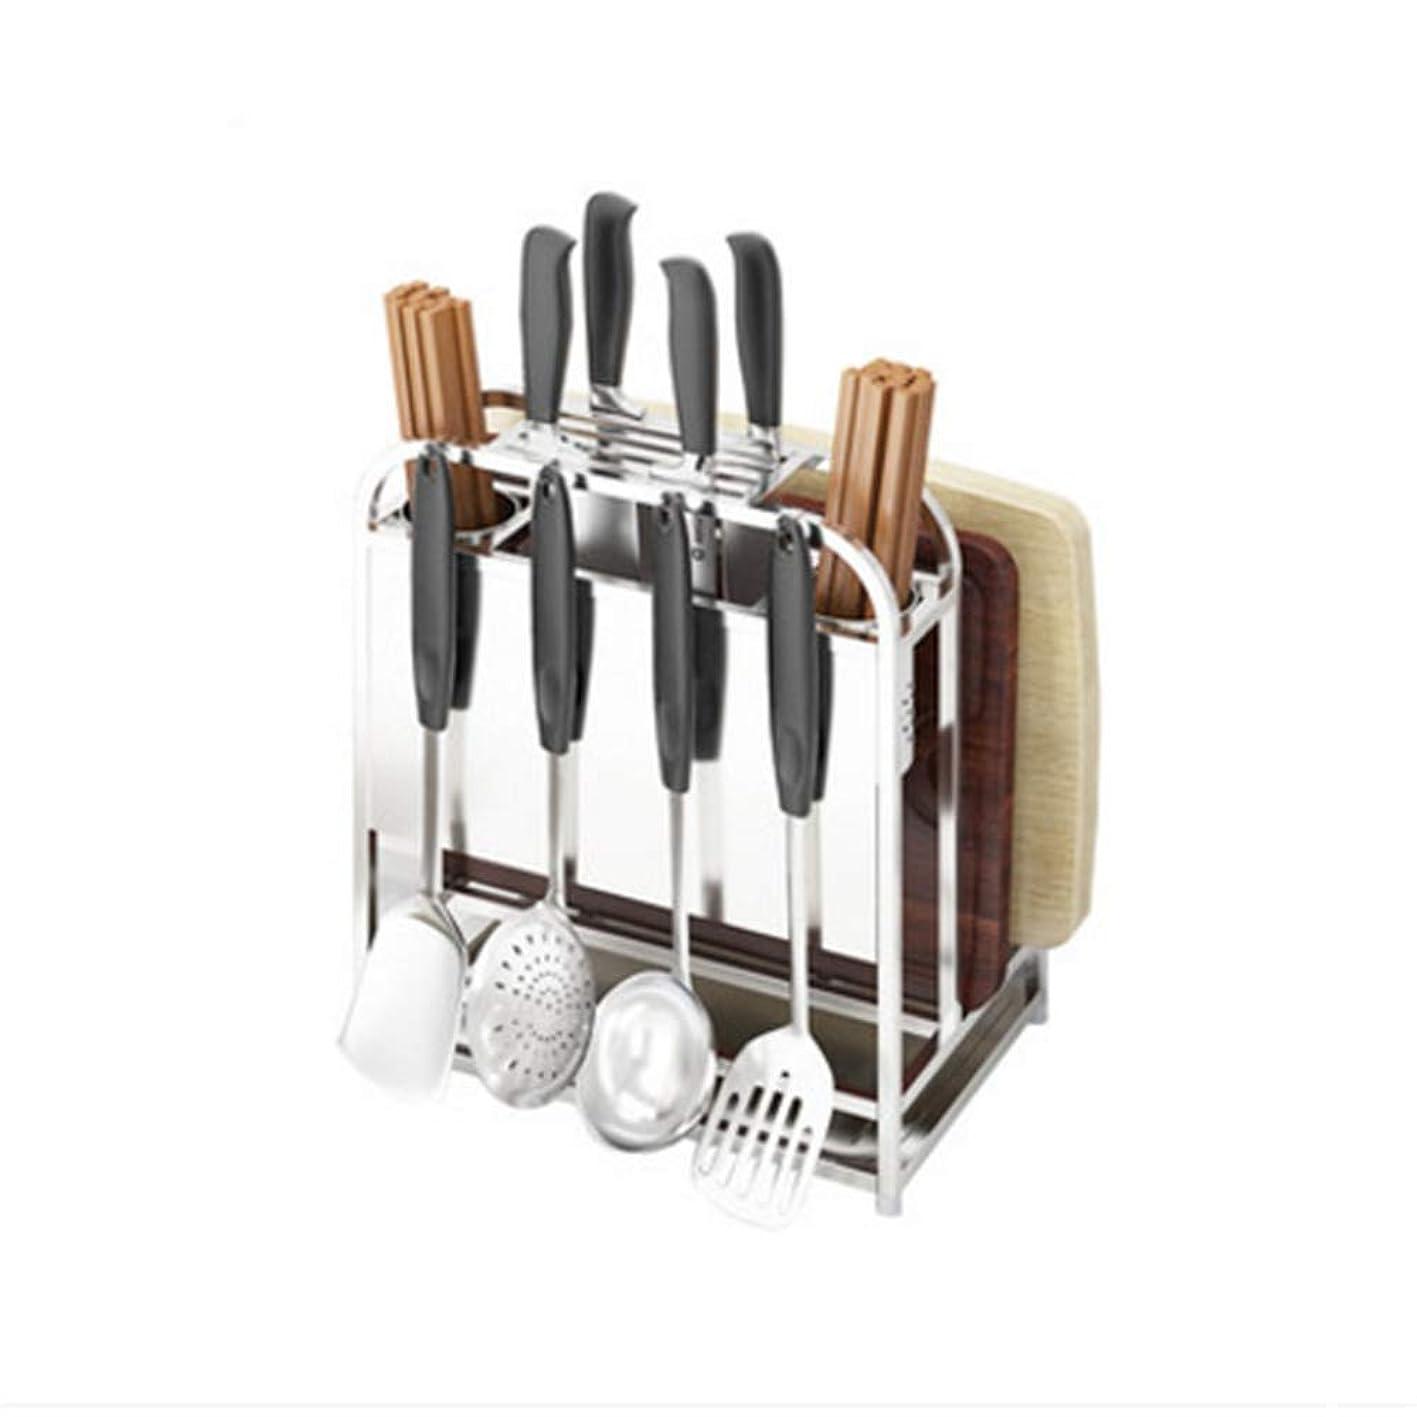 ペダル瞬時に牛フック付きチョッピングナイフオーガナイザー、ステンレススチール製キッチン用品、耐久性、防錆、まな板、箸、スプーン、フォーク、カトラリー収納ラック